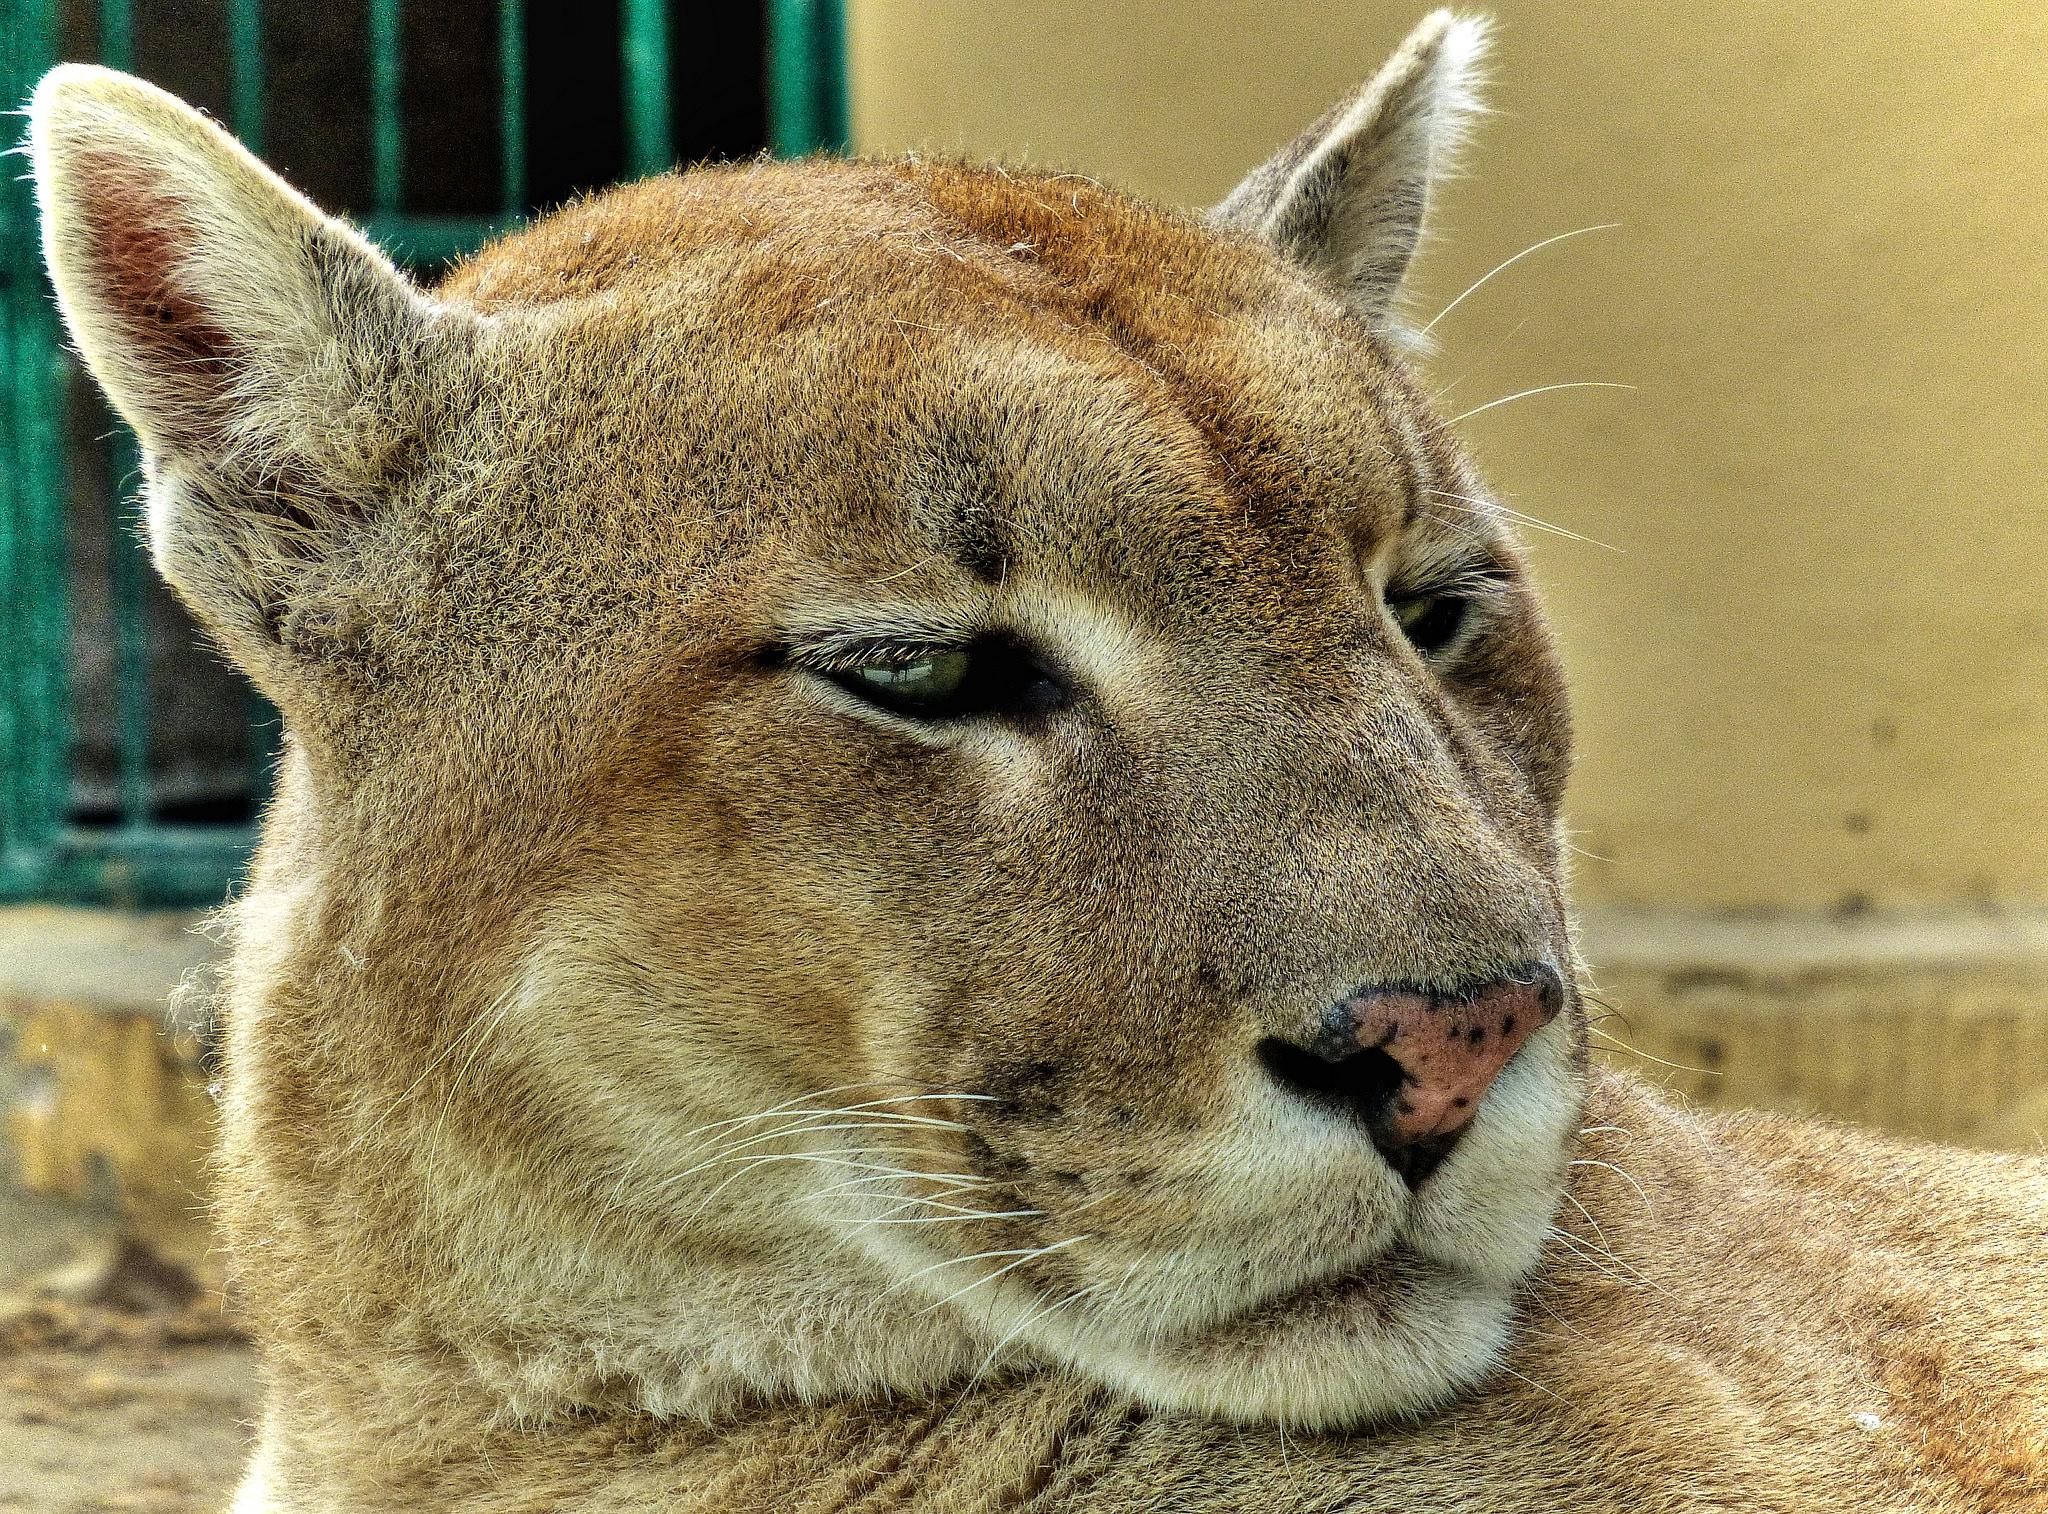 """Puma vZOO Spišská Nová Ves, Zdroj: Flickr, CC 2.0, Autor: [lnk url=""""http://www.traveltipy.com/""""]Traveltipy[/lnk]"""